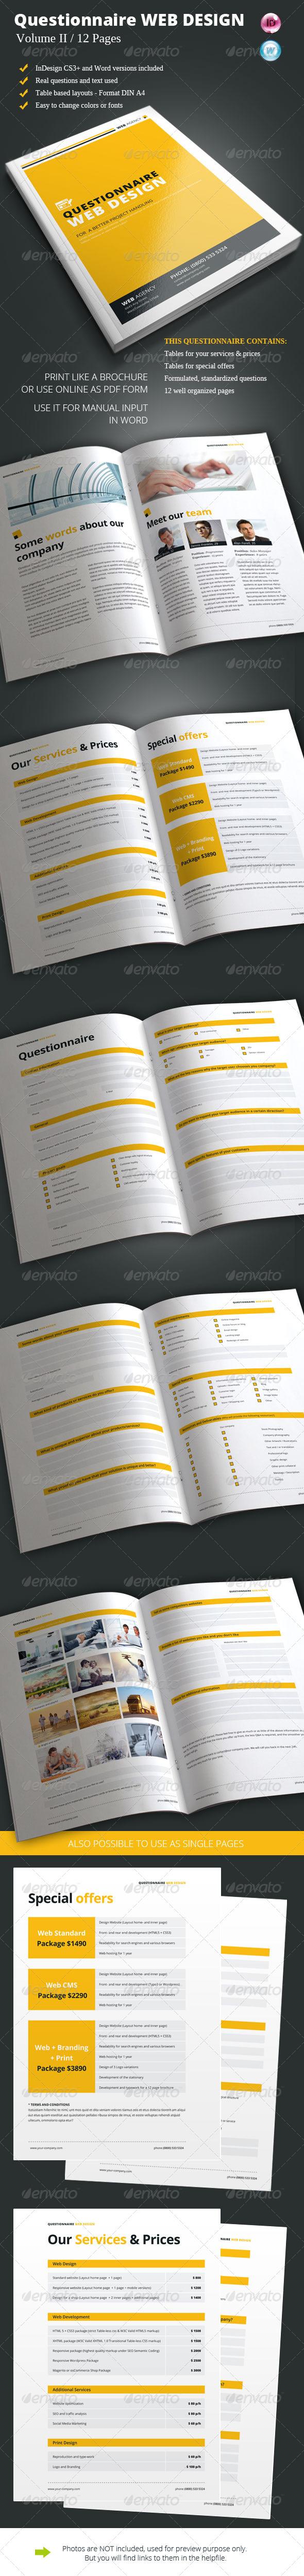 GraphicRiver Questionaire Web Design Vol II 6837693